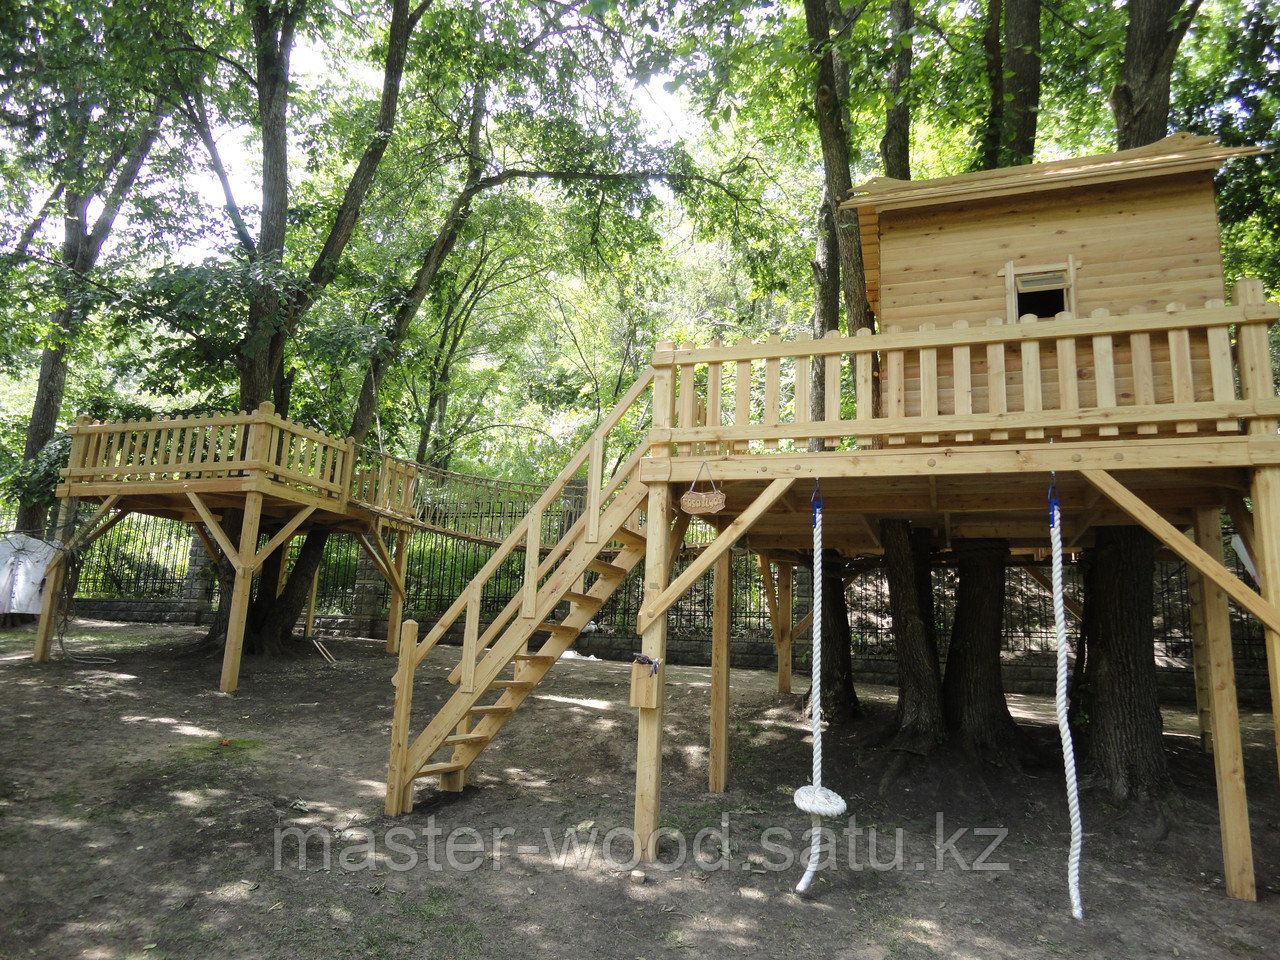 Деревянные садовые домики и домики на деревьях - фото 3